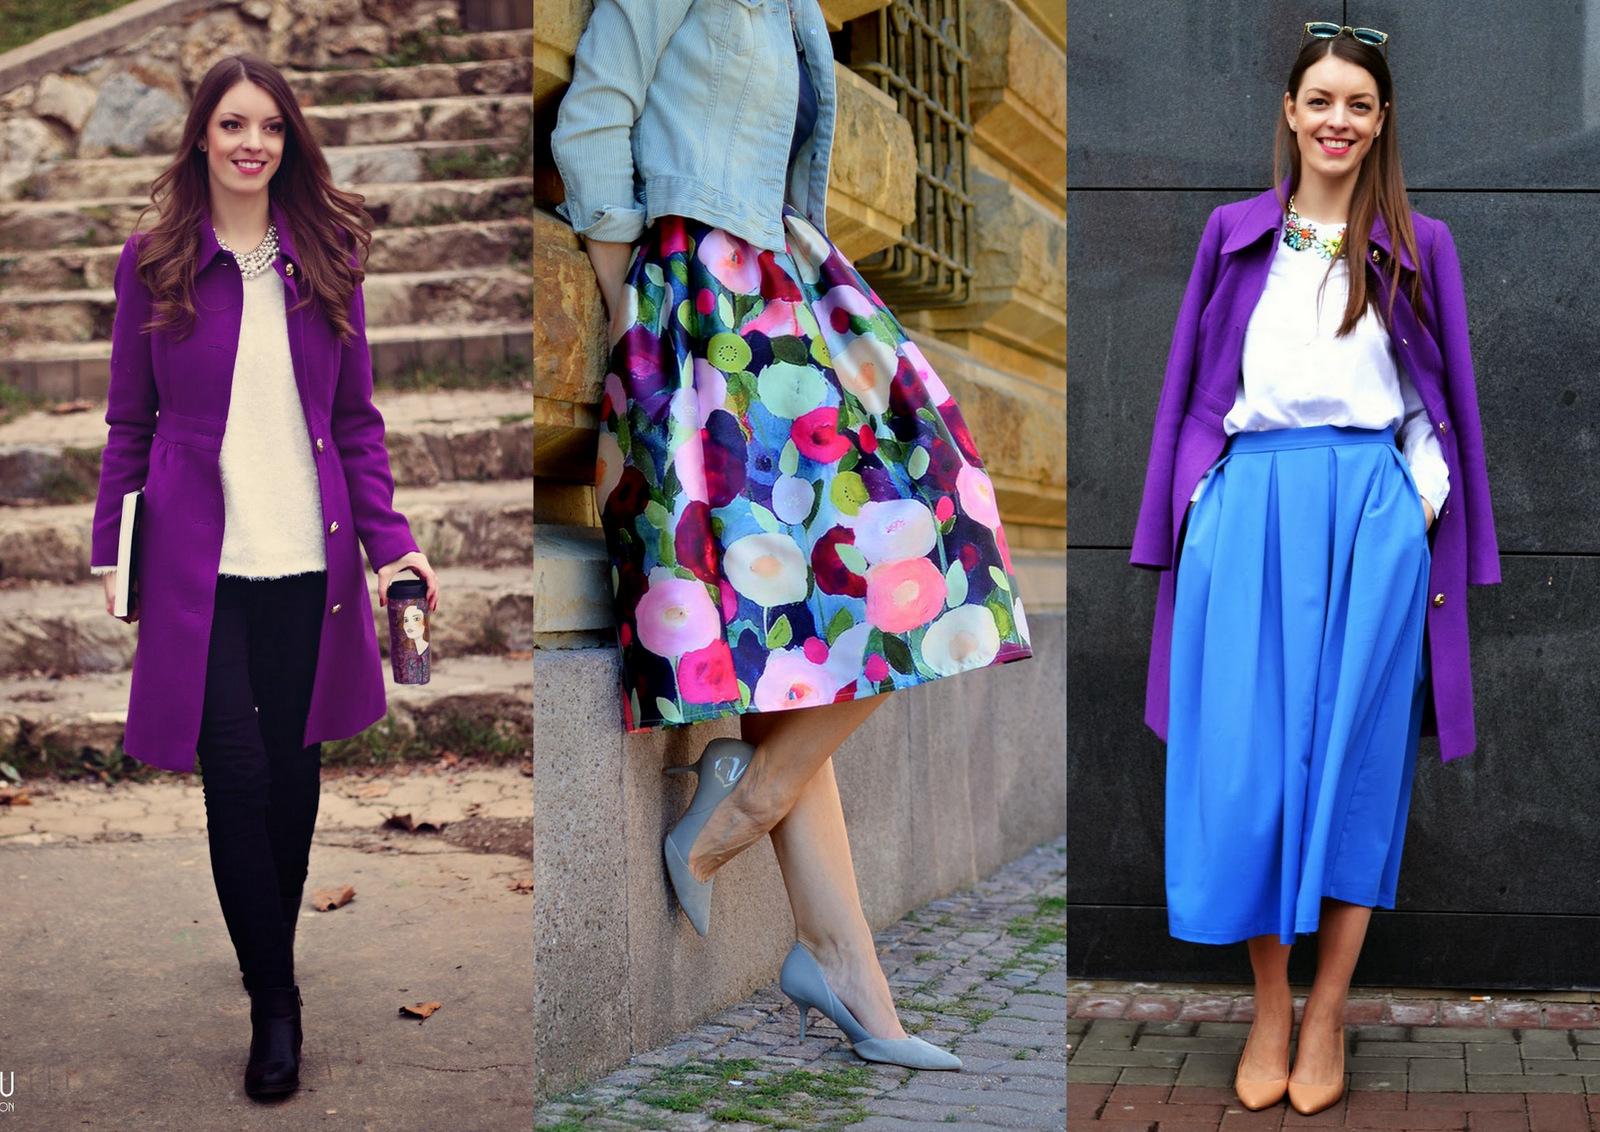 40fbcb5ce0d6 Fialovú v mojom šatníku nájdete v podobe kvetín na šatách a sukniach.  Takisto mám veľa letných aj zimných šálov a šatiek a najobľúbenejší kúsok  je už ...